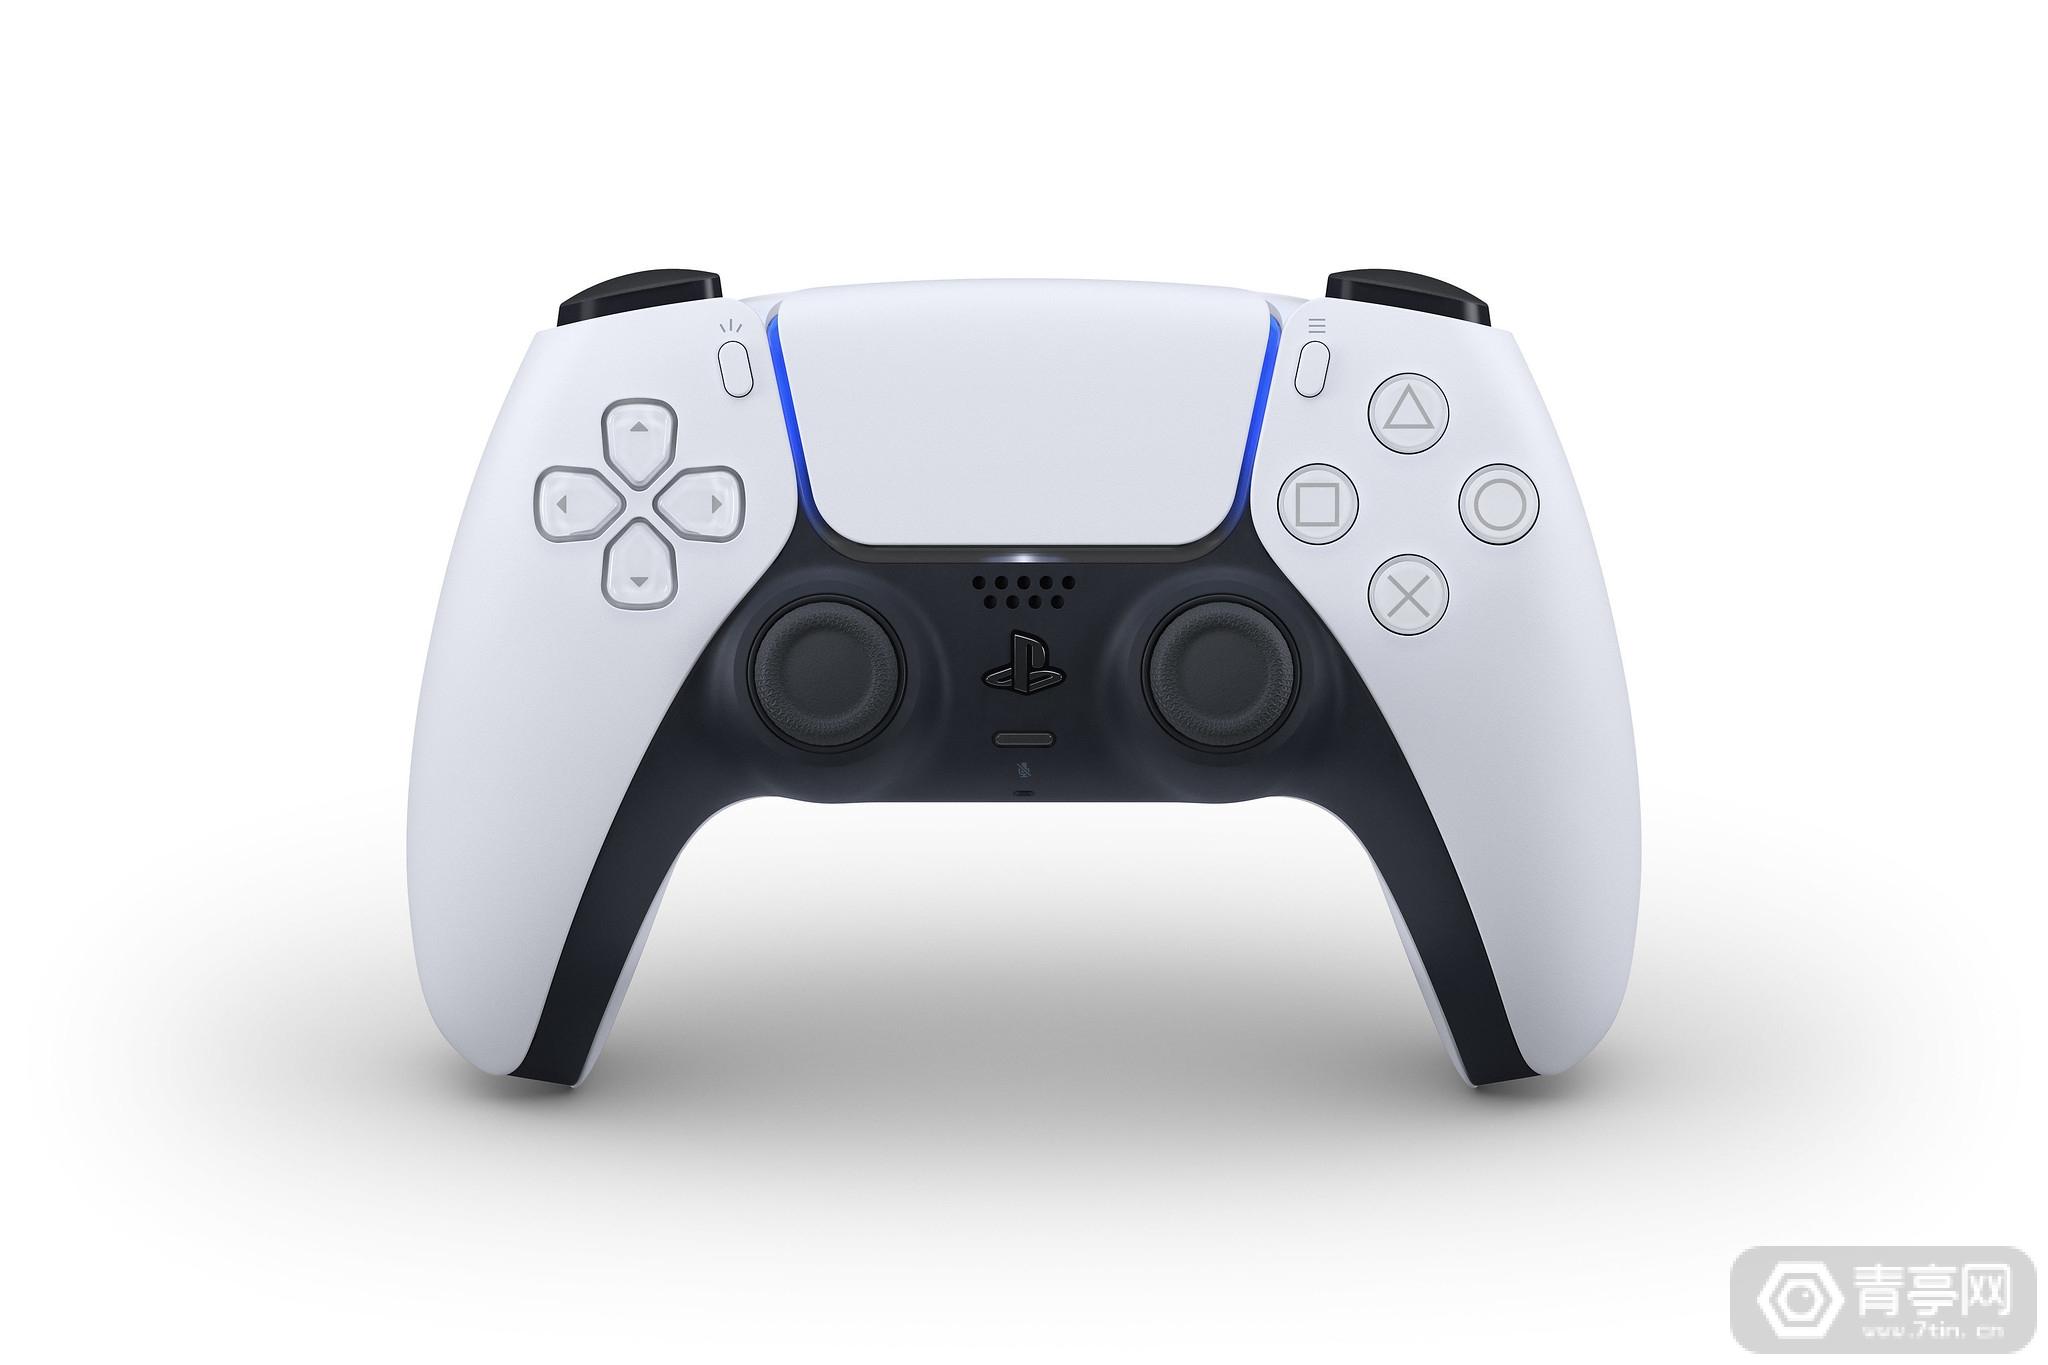 索尼产品总监:PS5手柄自适应扳机技术借鉴于VR手柄研究